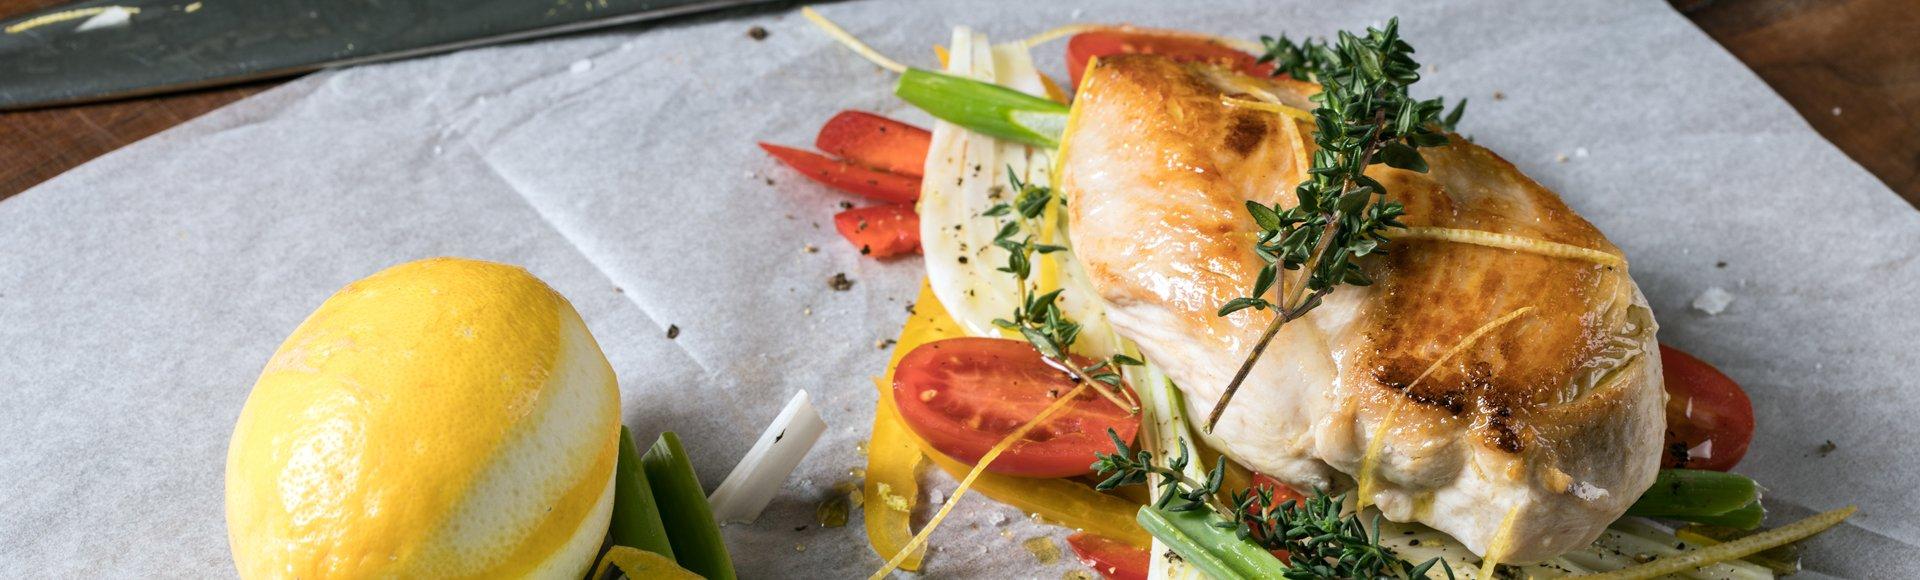 Κοτόπουλο provençale στη λαδόκολλα